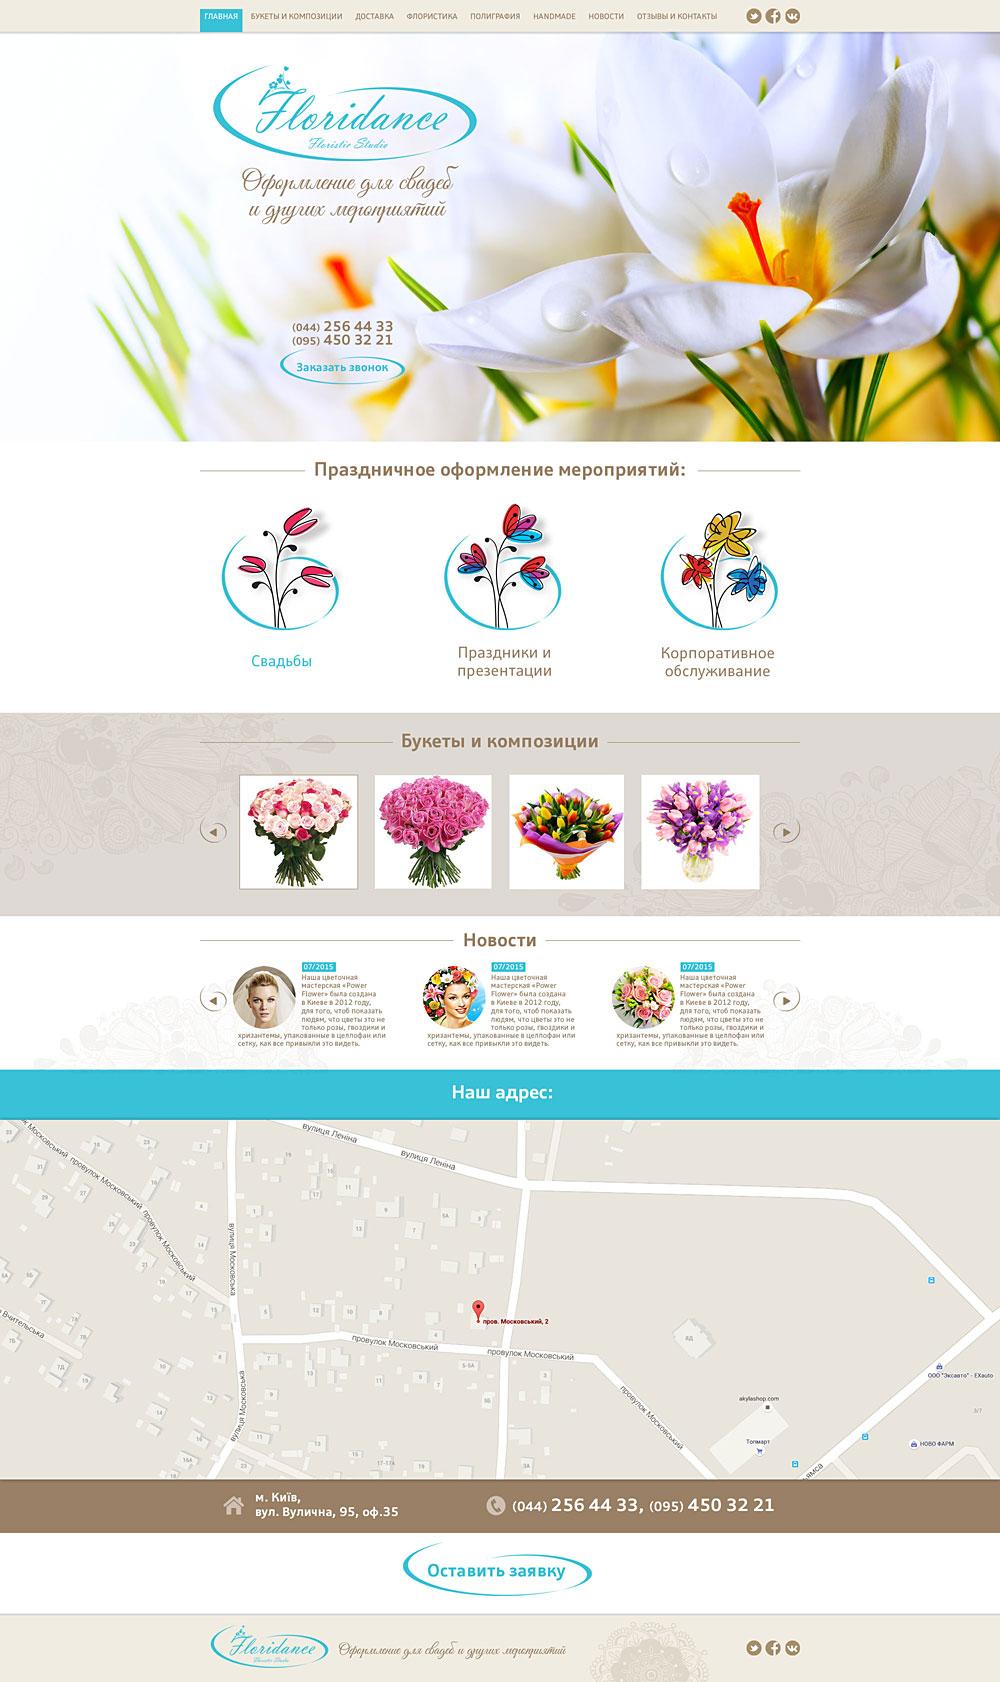 сайт-визитка салона флористики1